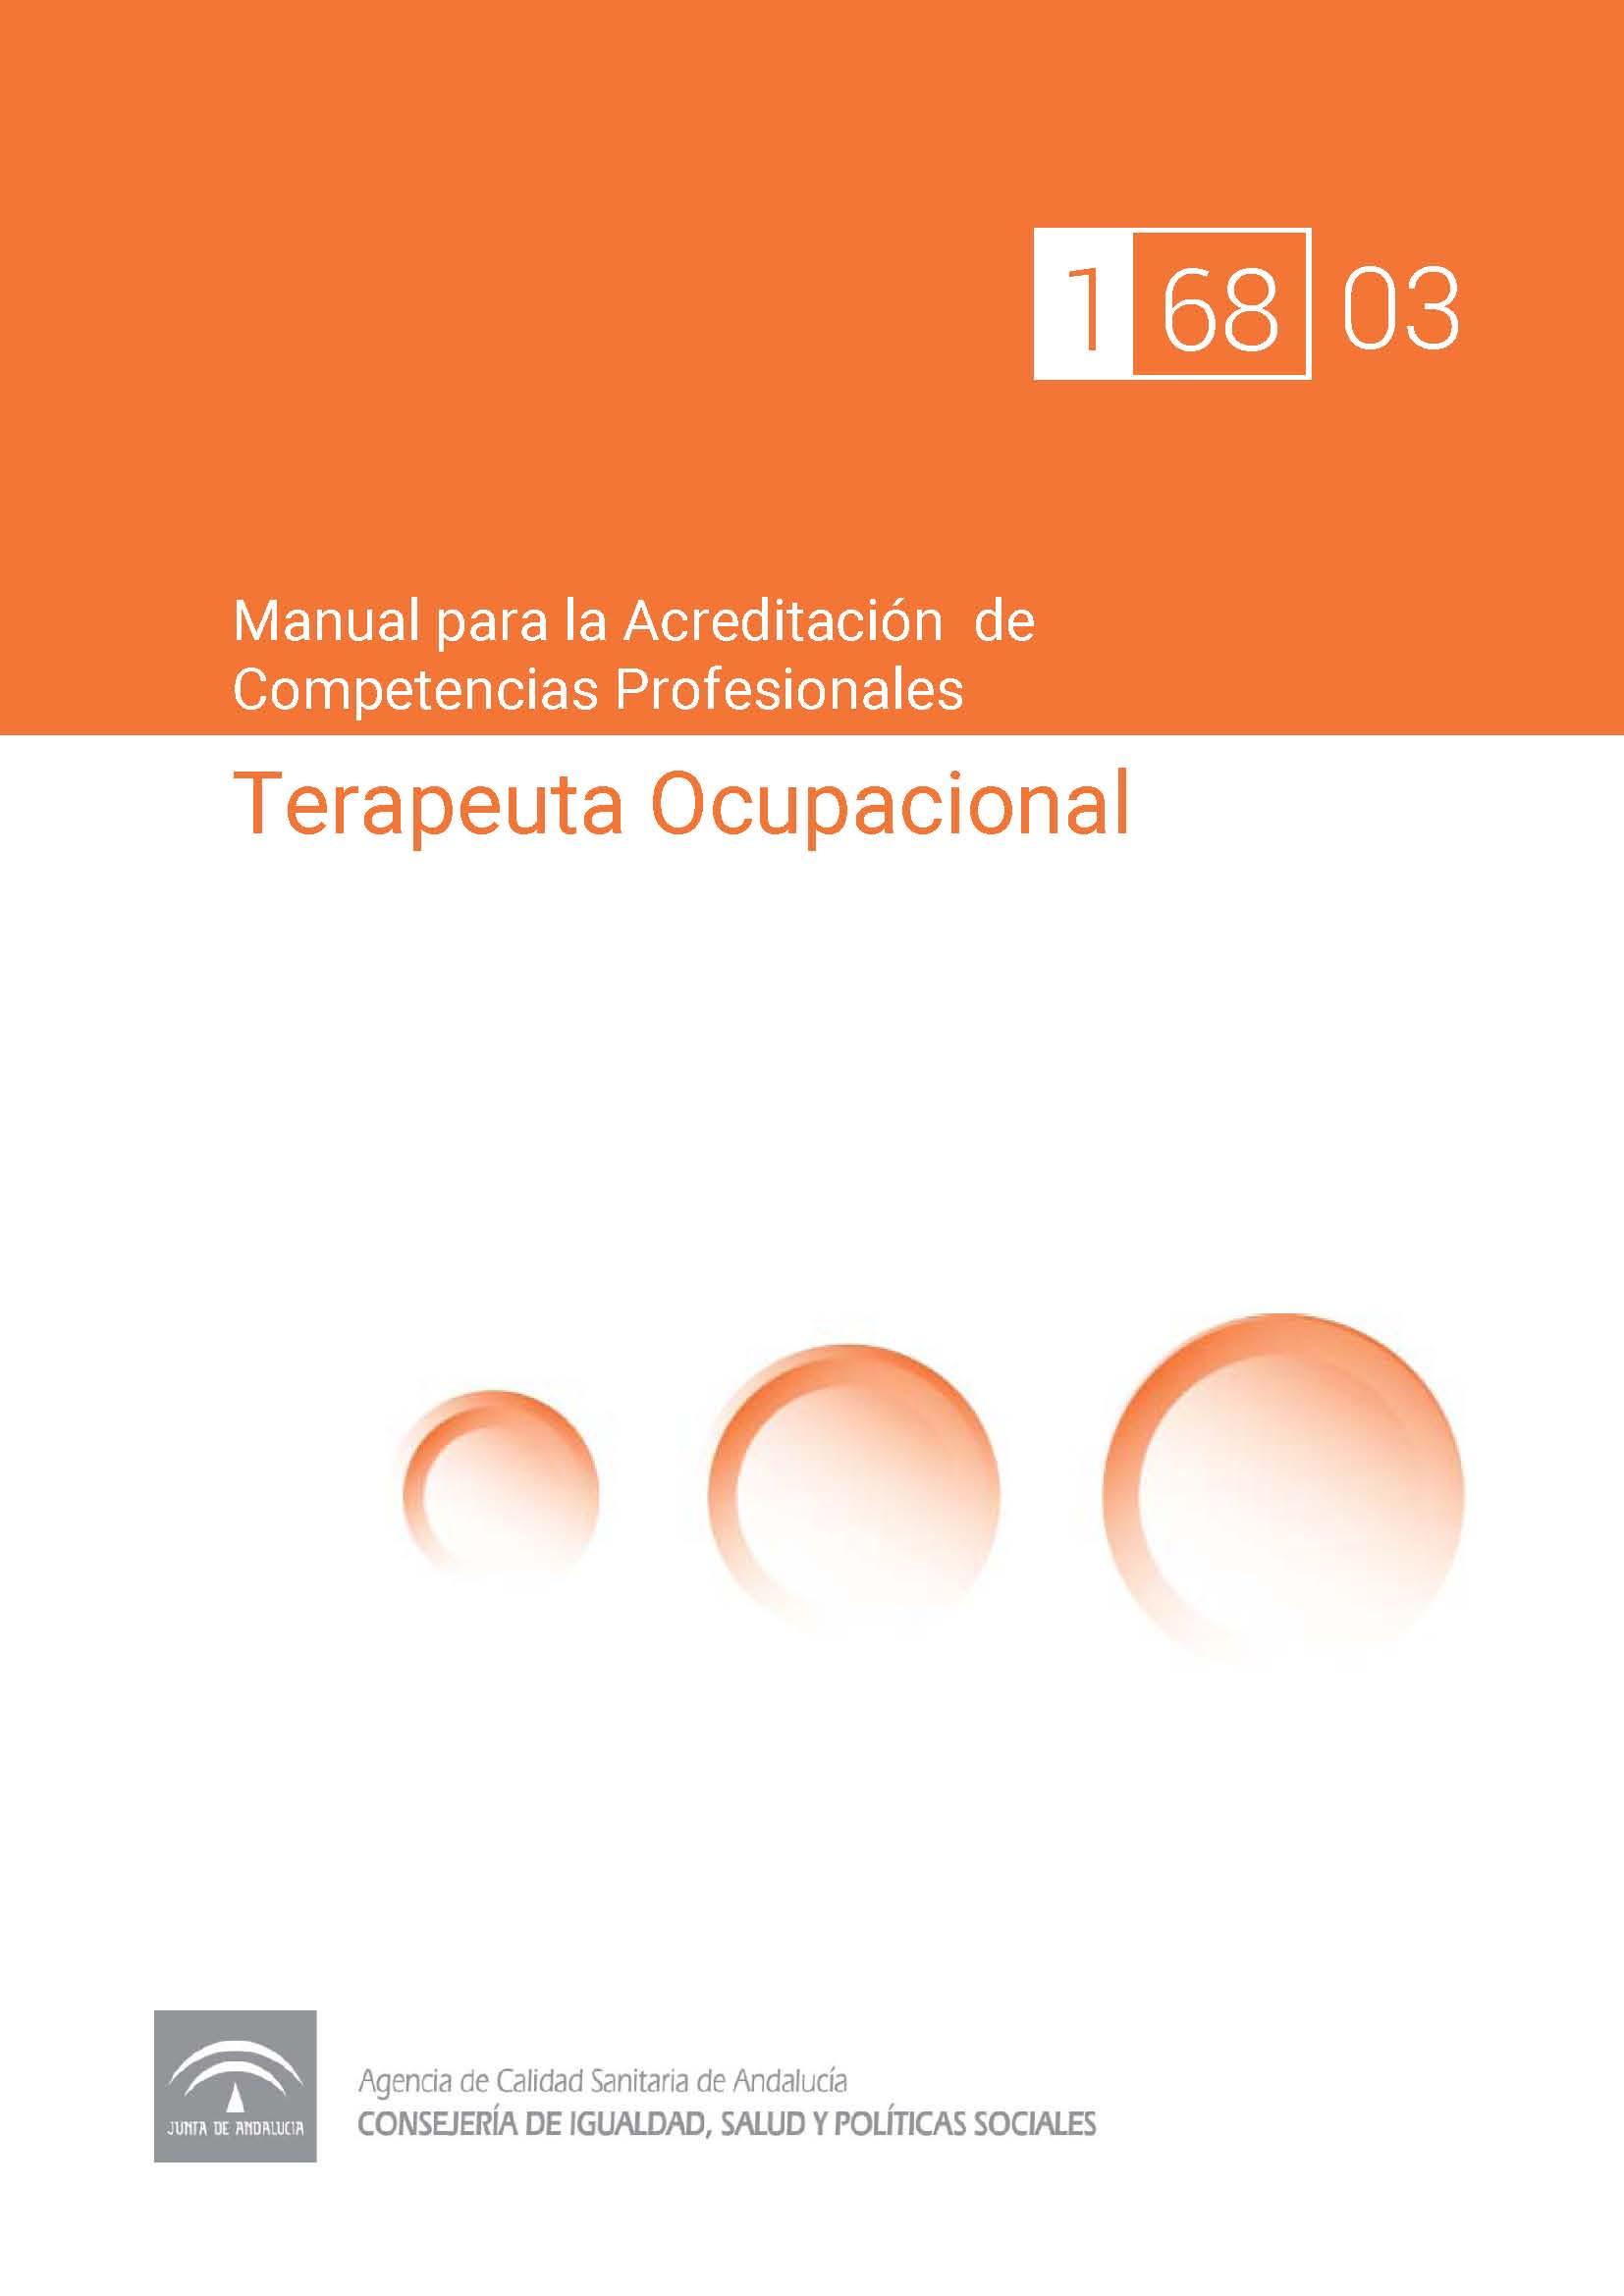 Manual de competencias profesionales del/de la Terapeuta Ocupacional